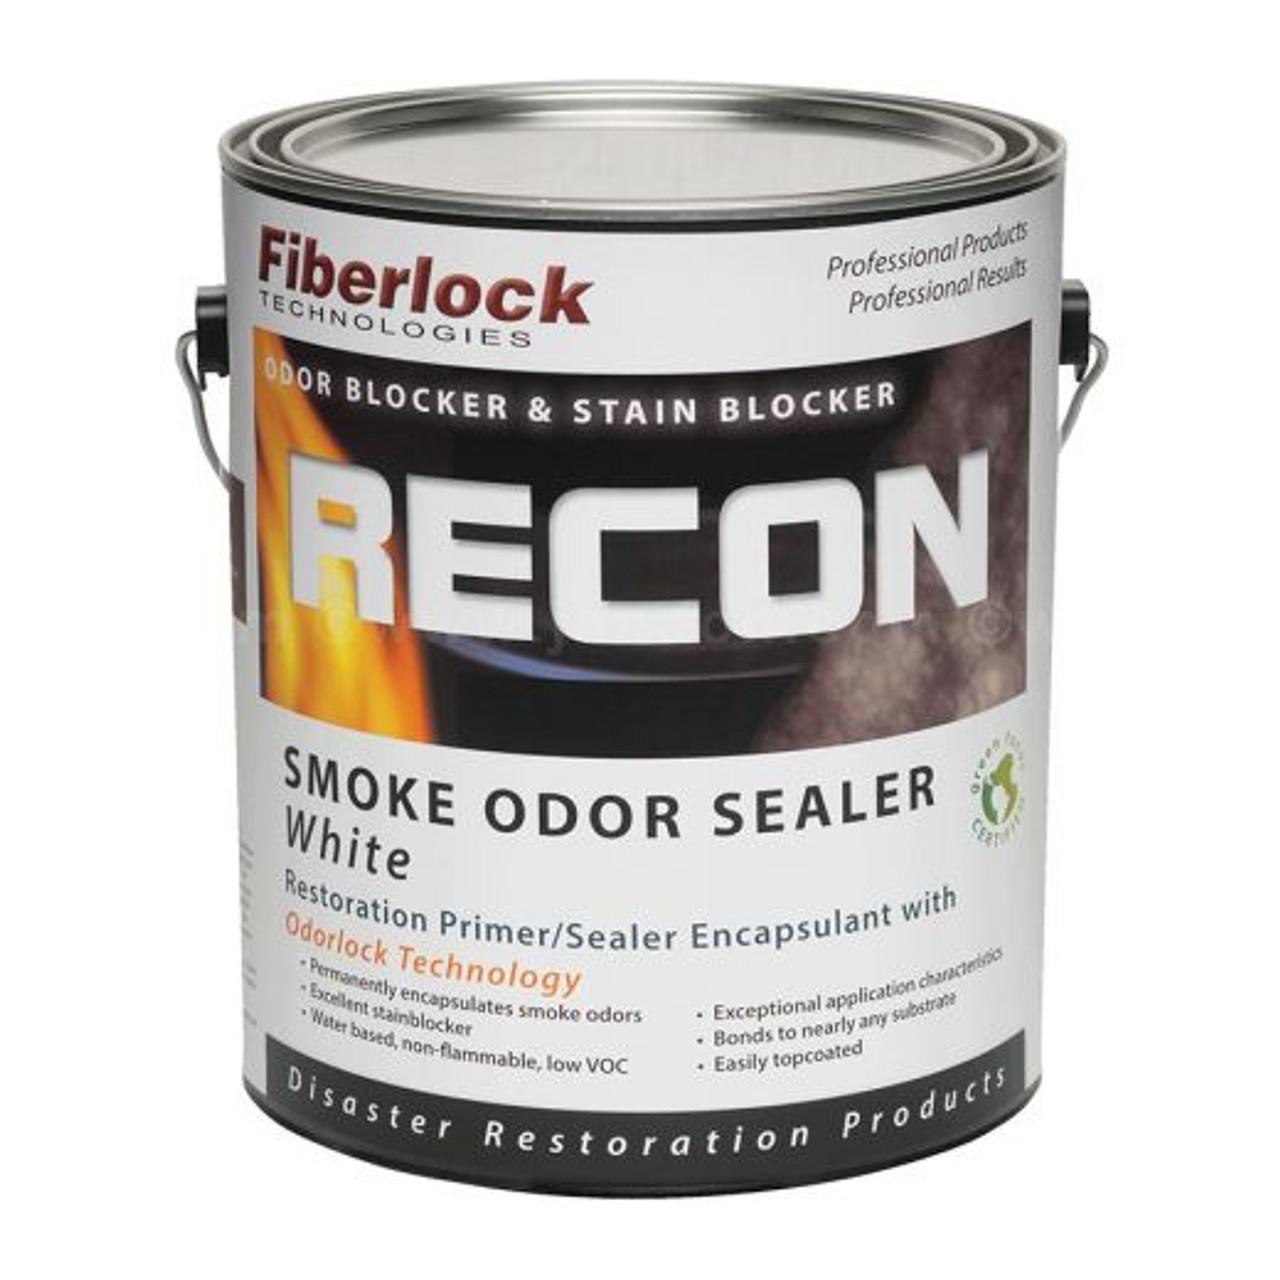 Fiberlock RECON Smoke Odor Sealer, White (1 GL)